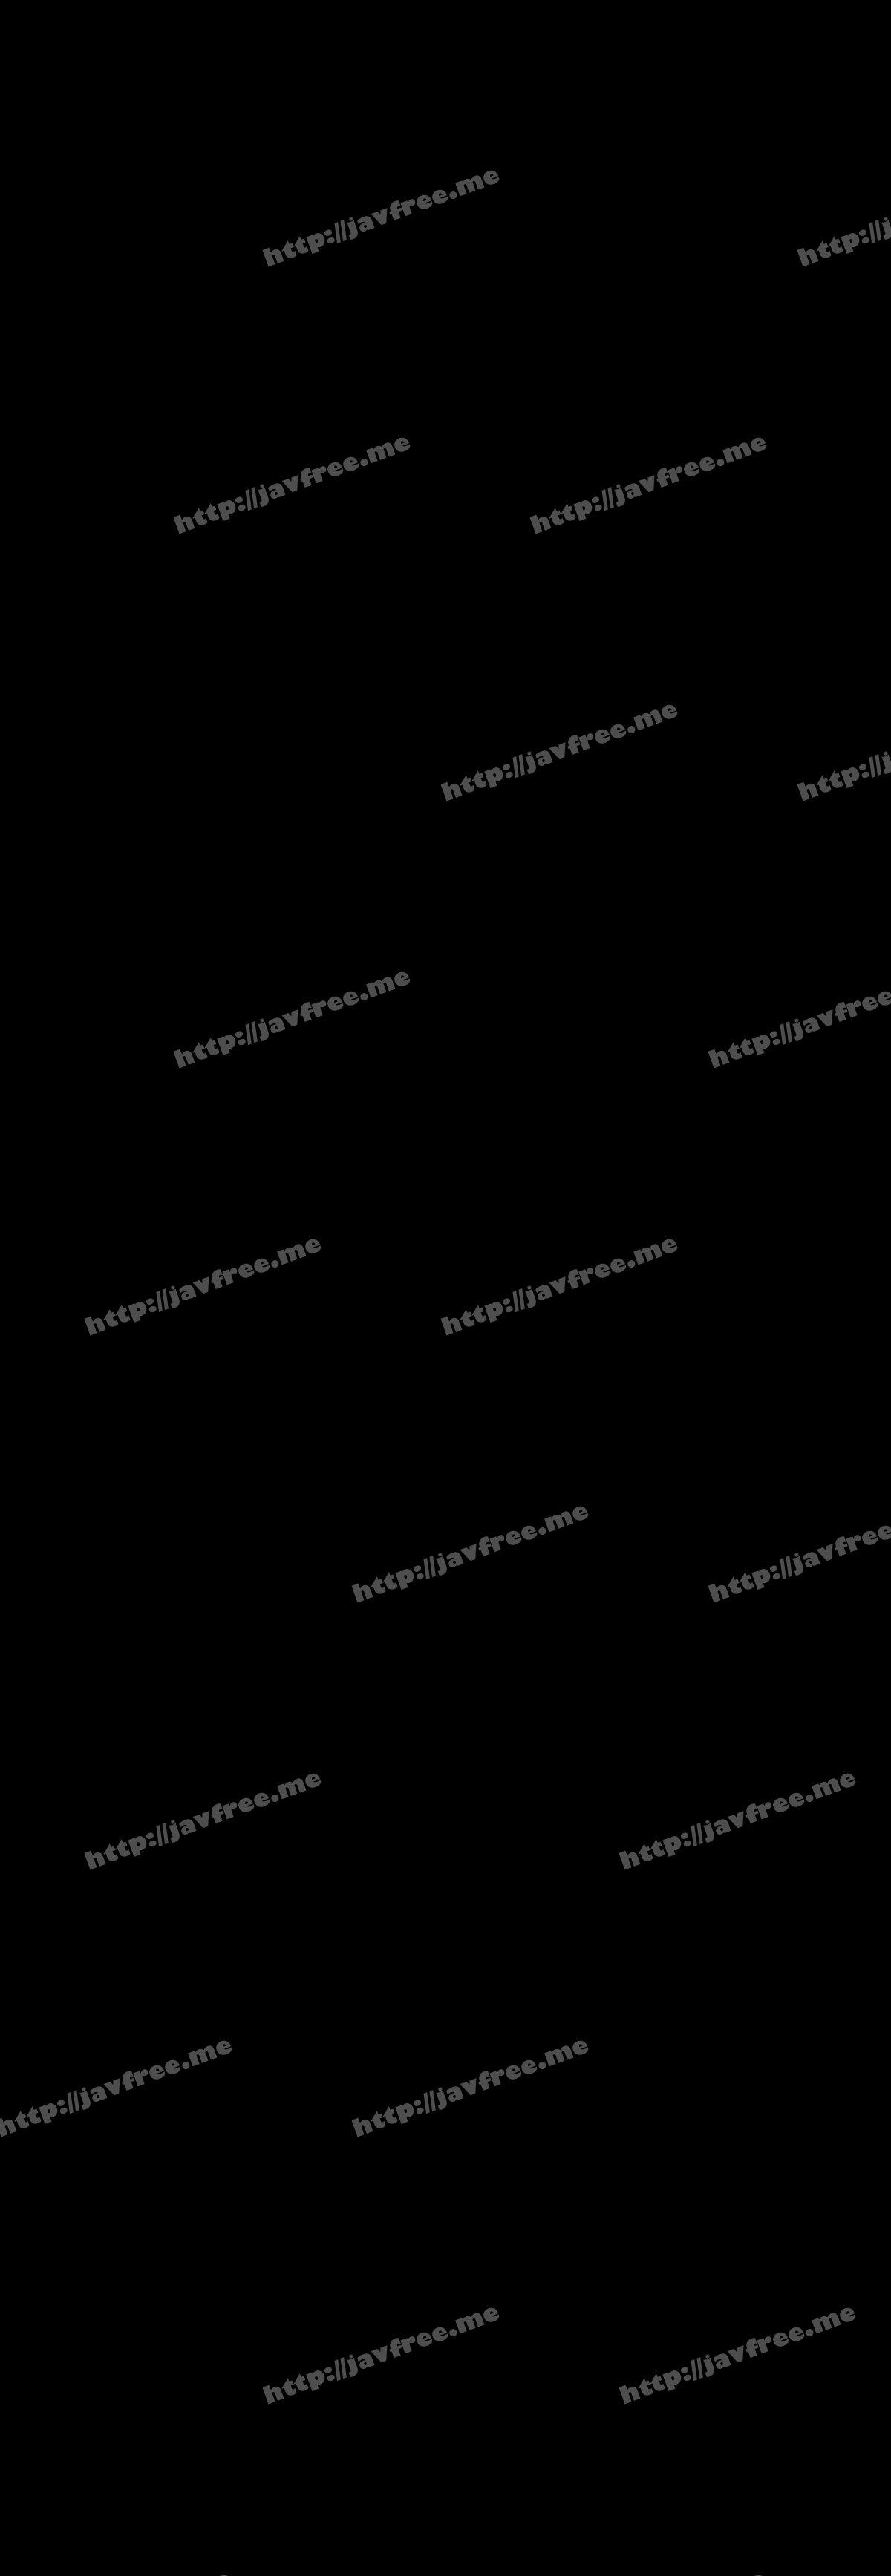 [HD][FFFS-015] 熟女連れ込み! 他人棒と遊ぶ人妻 盗撮ドキュメントのすべて12 ~超爆Iカップ熟女が理性失い中出し懇願編~ 美波さん・Iカップ・39歳・コンビ二パート妻→中出し 希さん・Iカップ・44歳・スーパー勤務妻→中出し